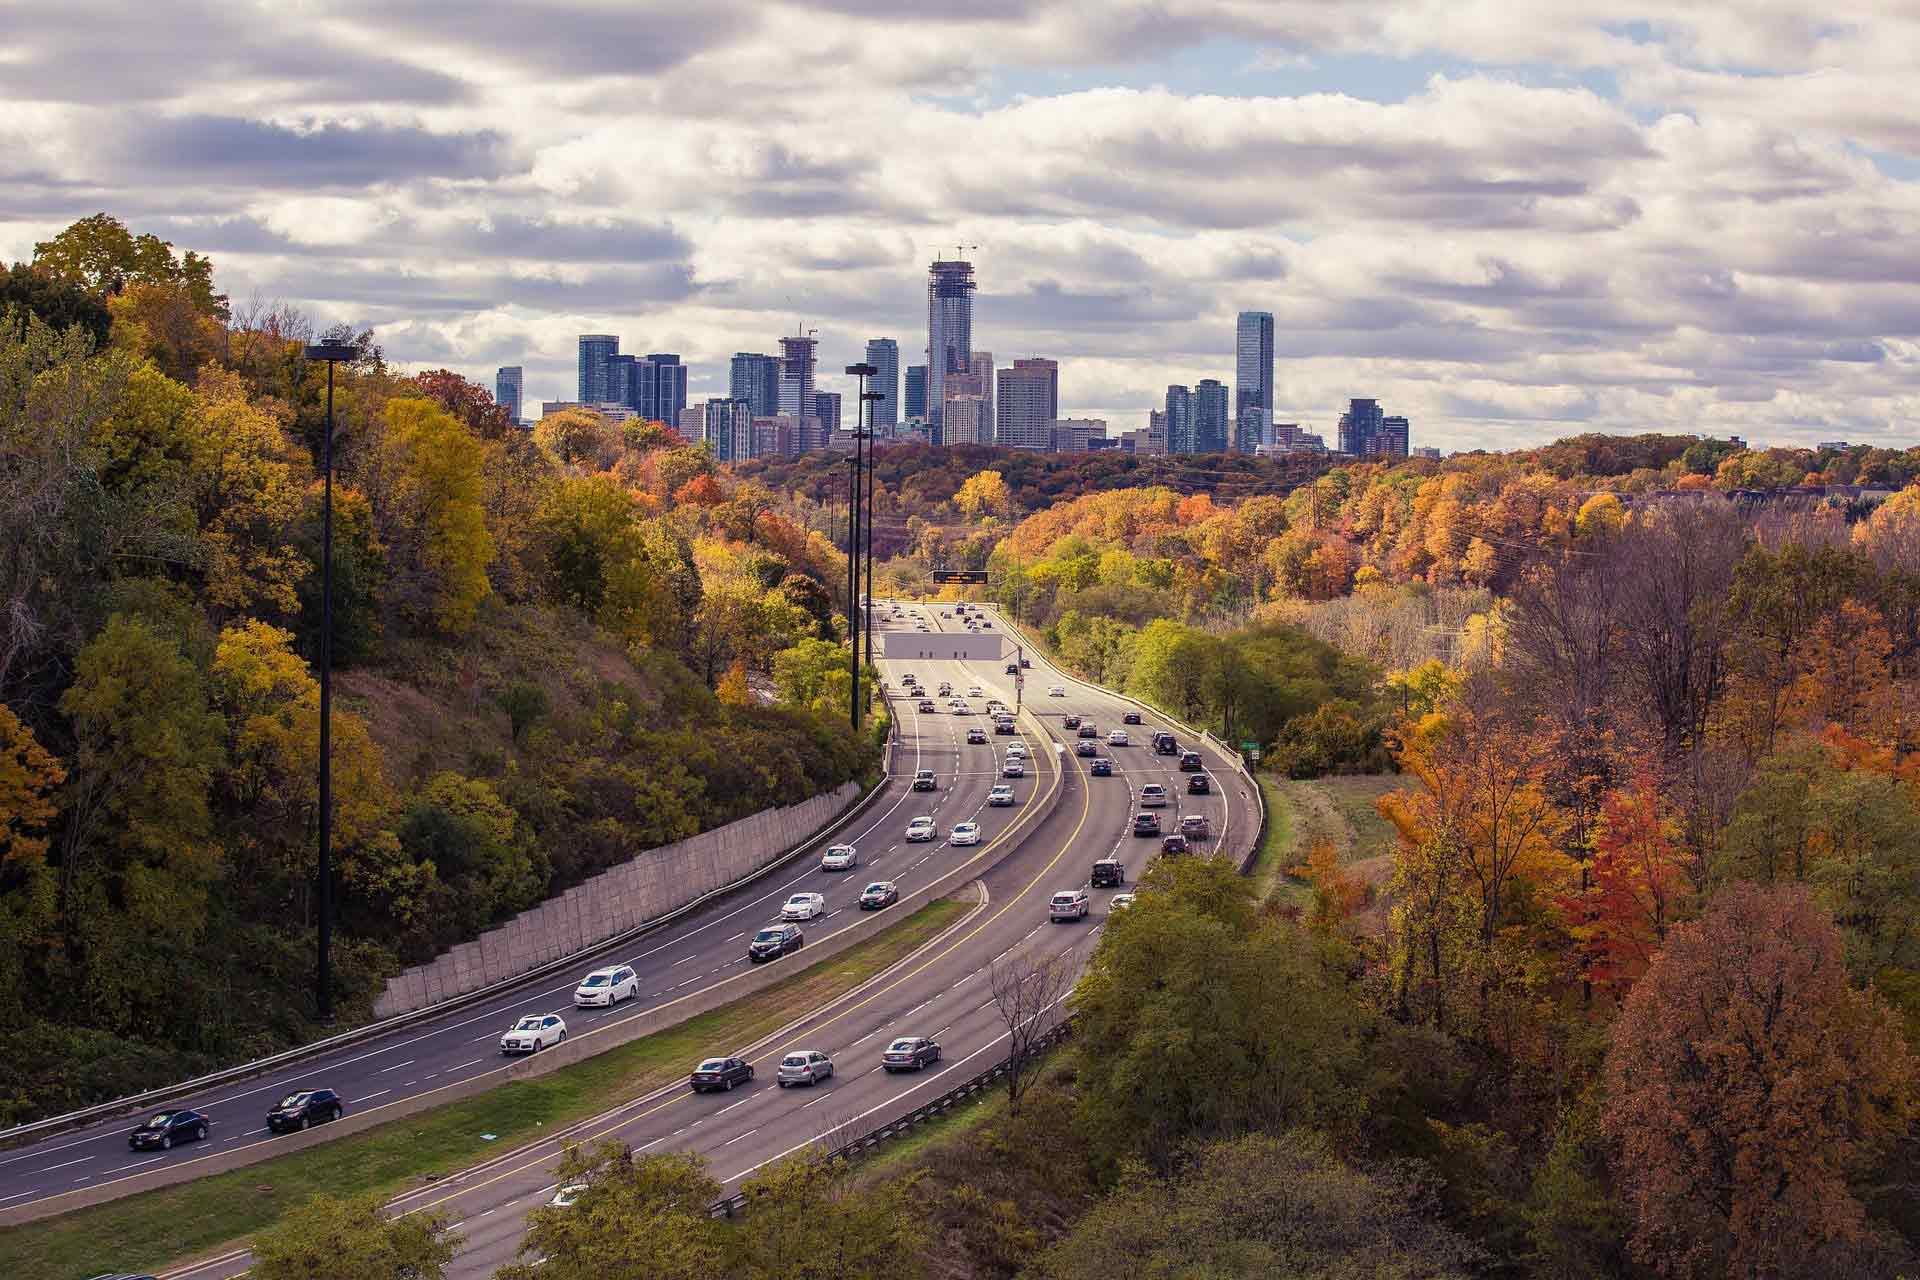 Image d'une autoroute